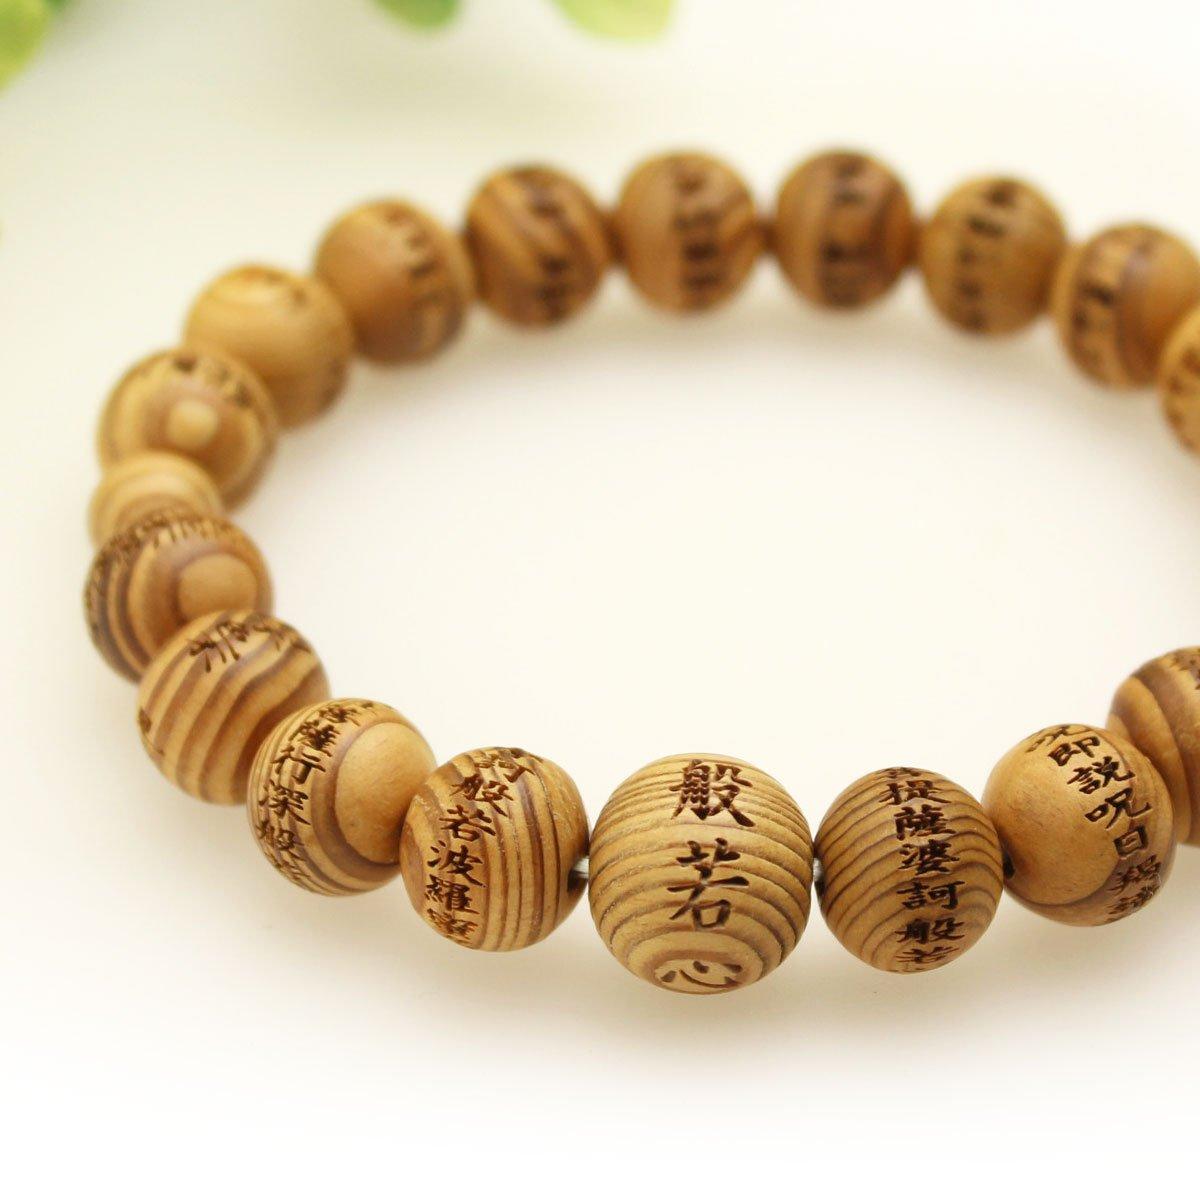 【般若心経彫】 屋久杉 10ミリタイプ 数珠 ブレスレット 腕輪念珠 B00MN9ZW9K